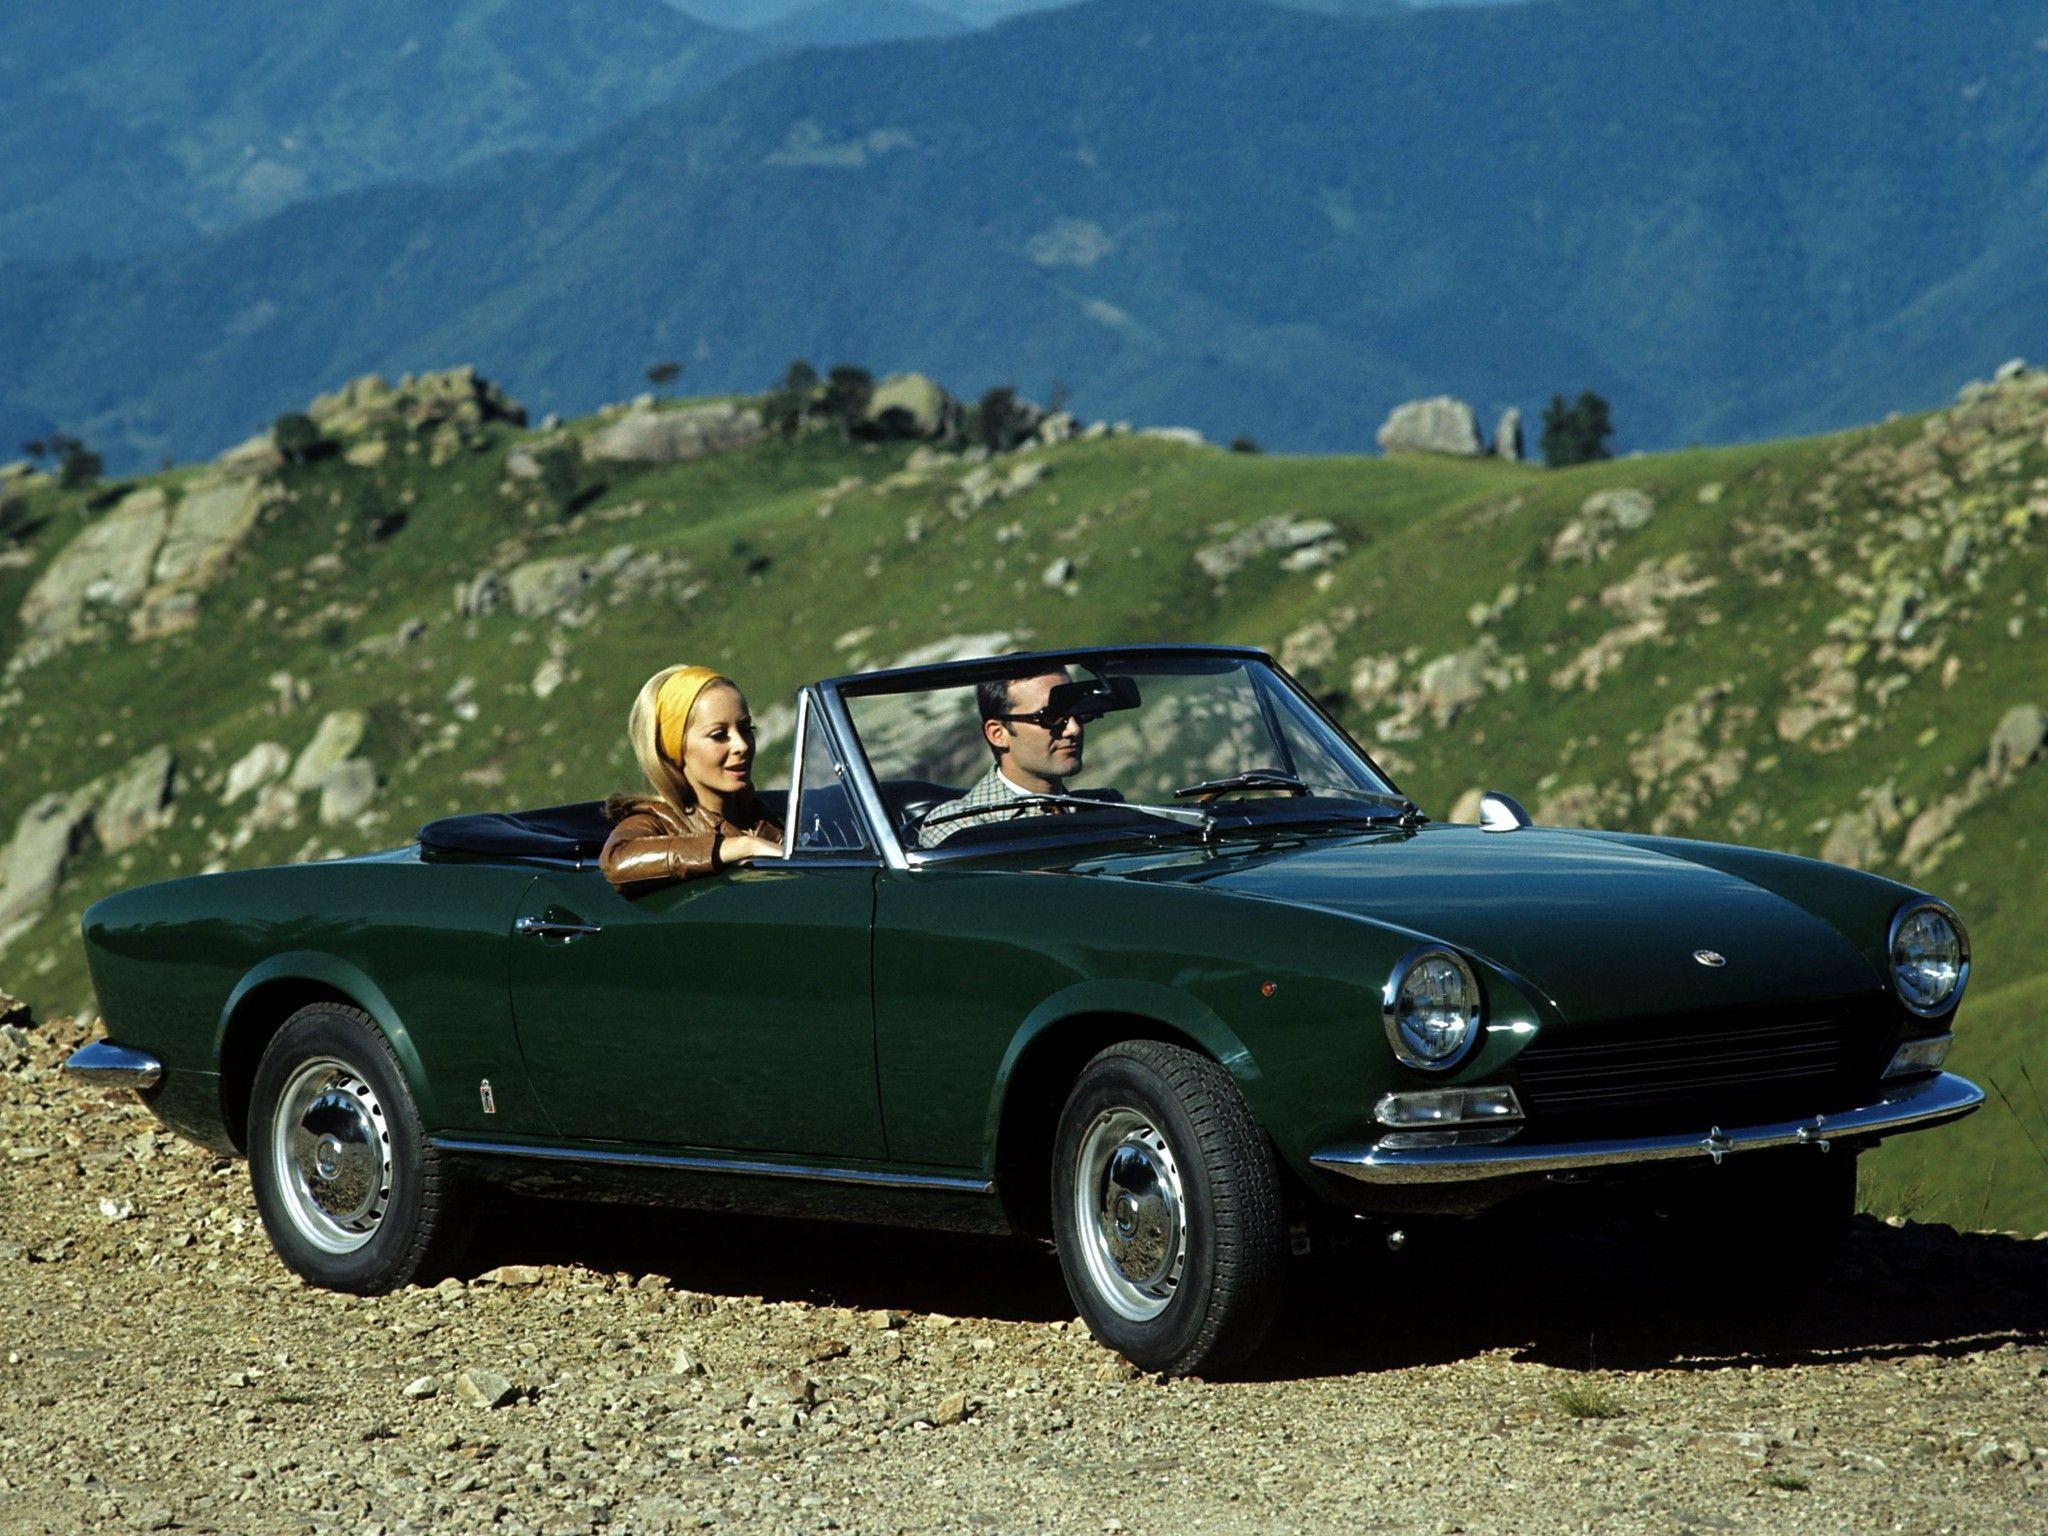 Never This Nice 1973 Fiat 850 Spider Fiat 850 Fiat Fiat Spider